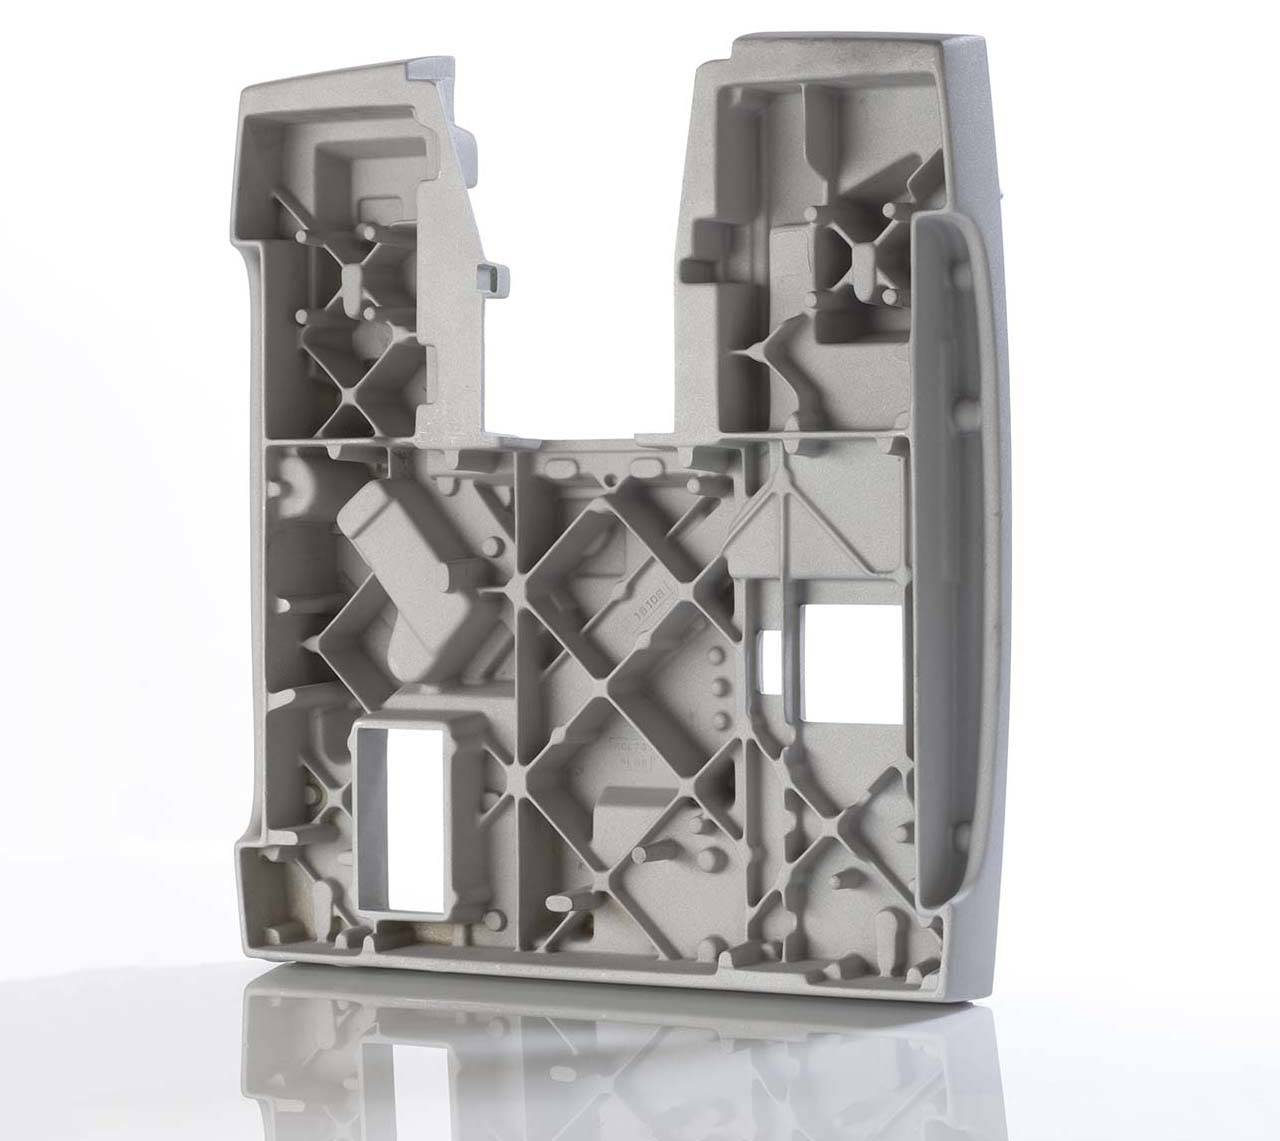 Analytical Instrument Base Gravity Die Cast Aluminium LM6 M 12.6 Kg 600mmx560mmx110mm